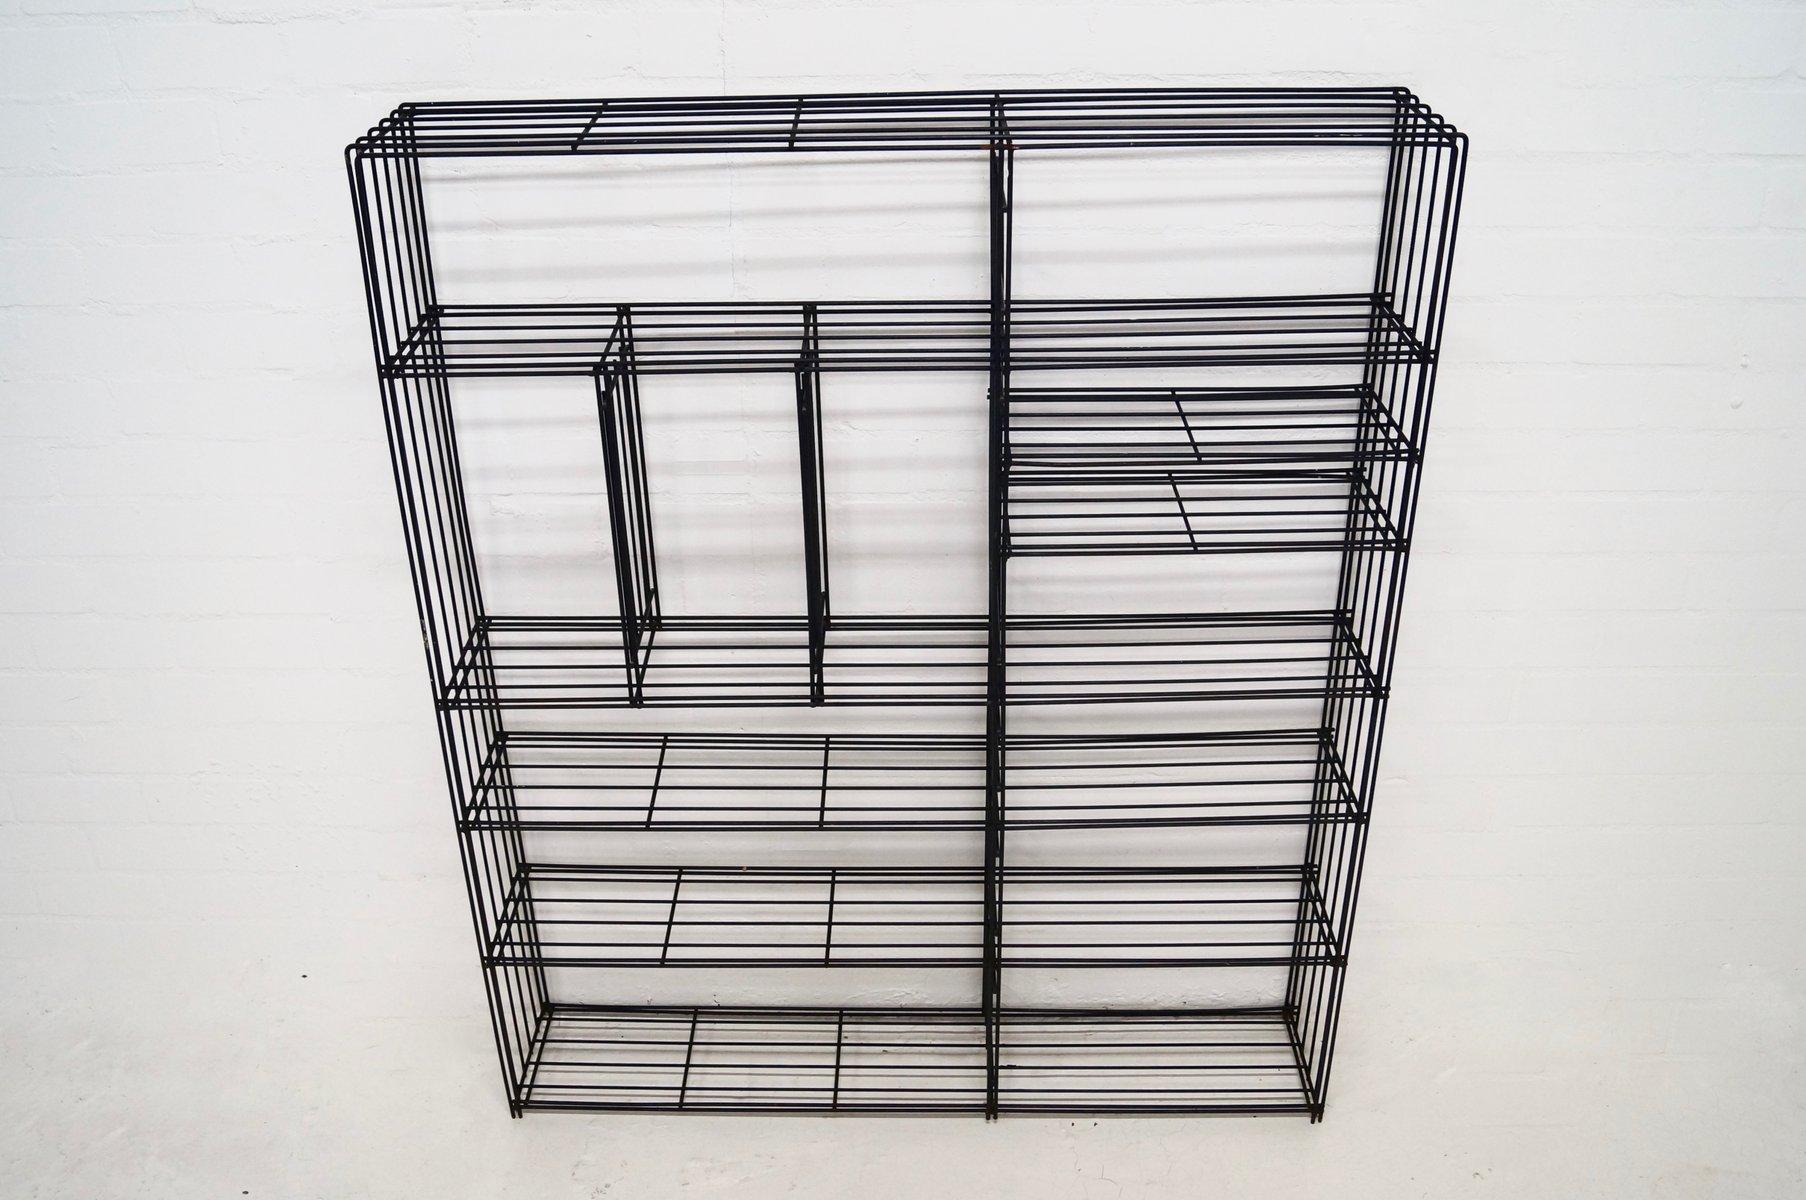 niederl ndischer raumtrenner regal von tjerk reijenga f r pilastro 1950er bei pamono kaufen. Black Bedroom Furniture Sets. Home Design Ideas